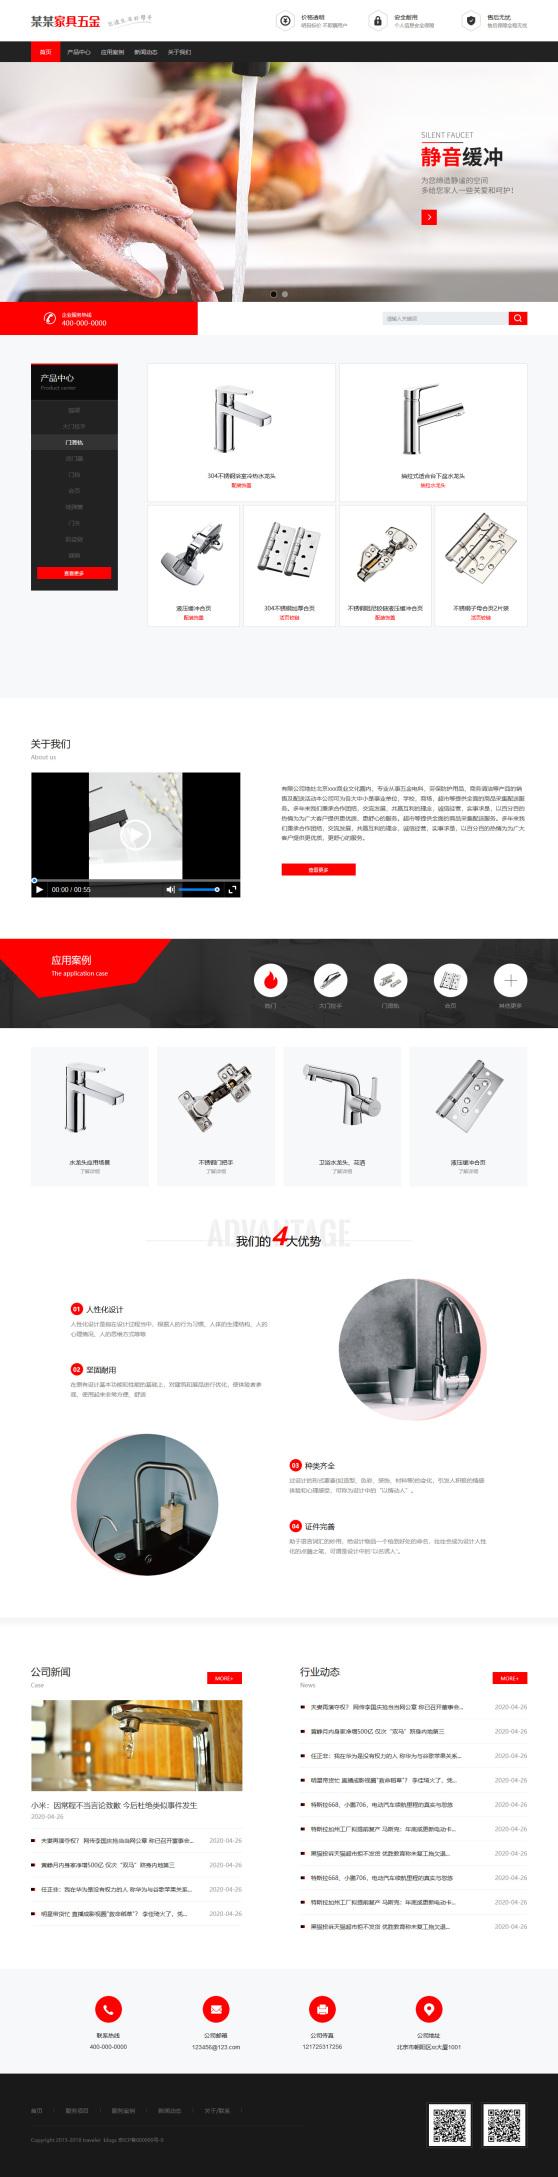 精选五金工具企业网站模板